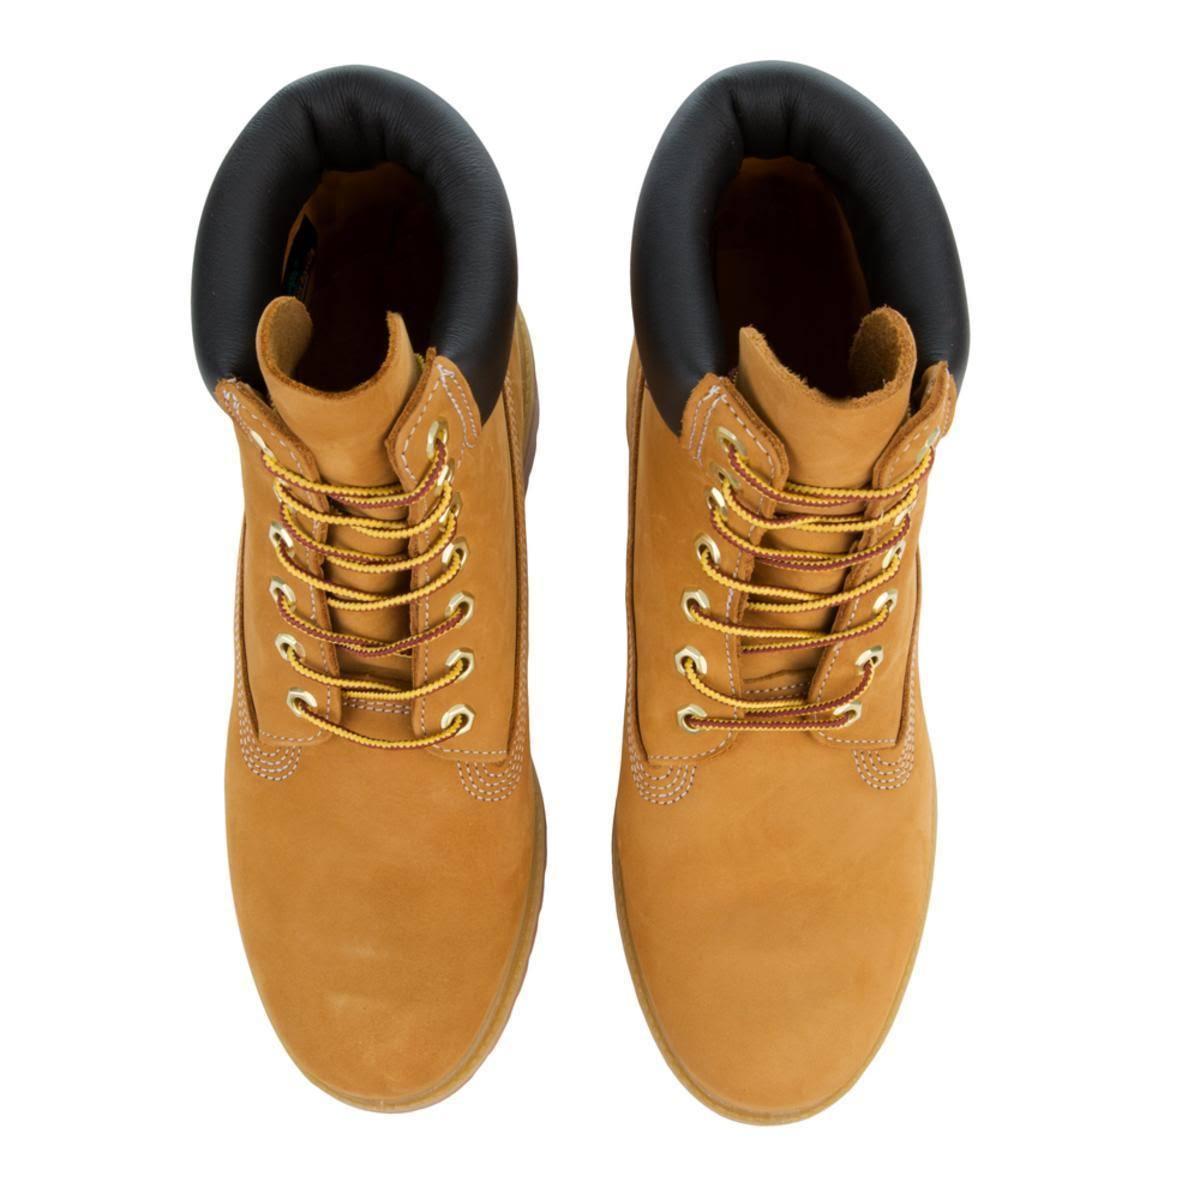 7 Men's Timberland Boots Classic Tan Premium XRAR6d